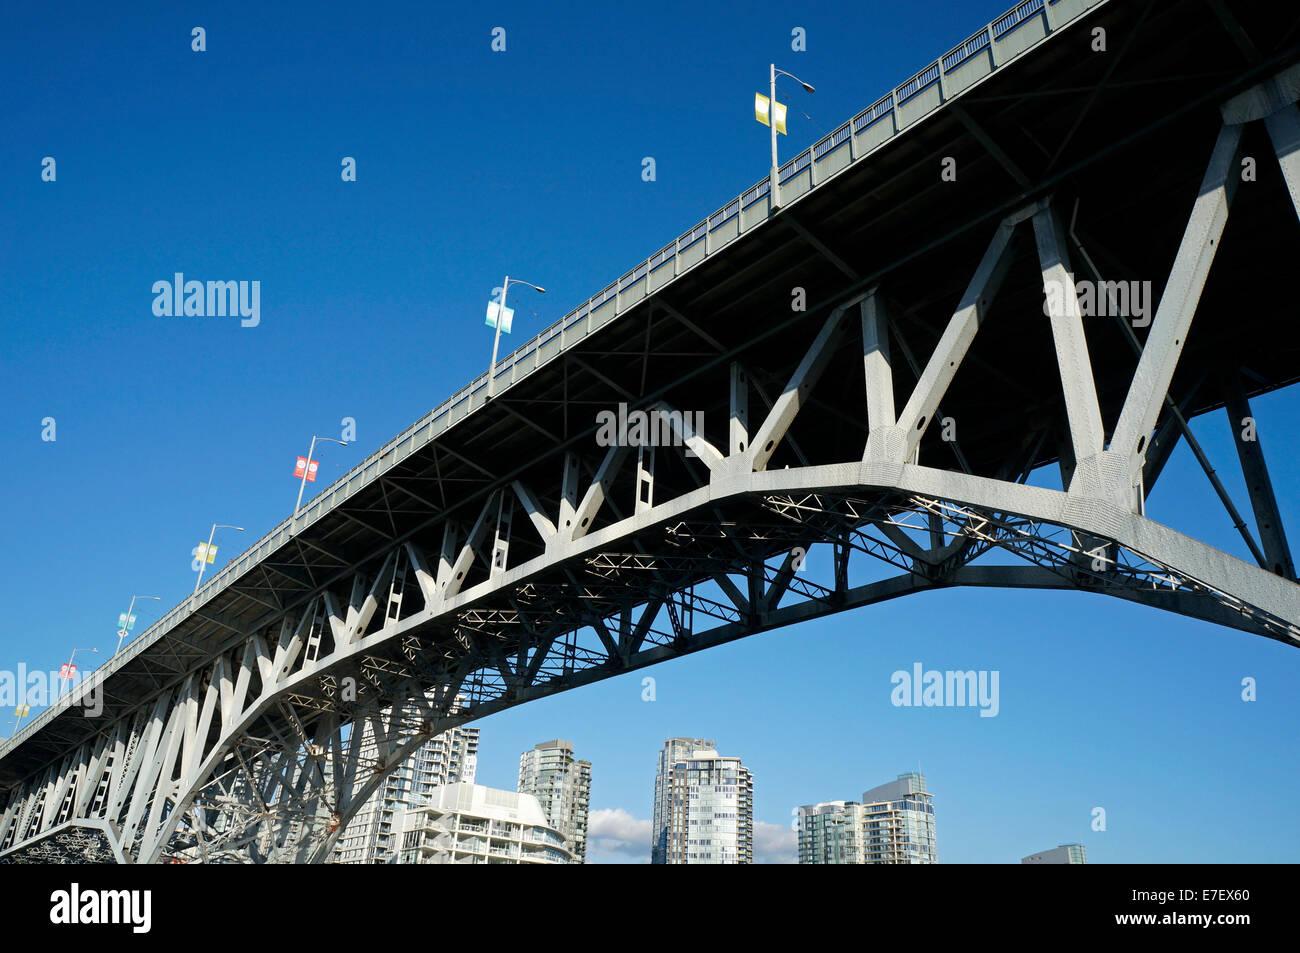 underside-of-the-granville-street-bridge